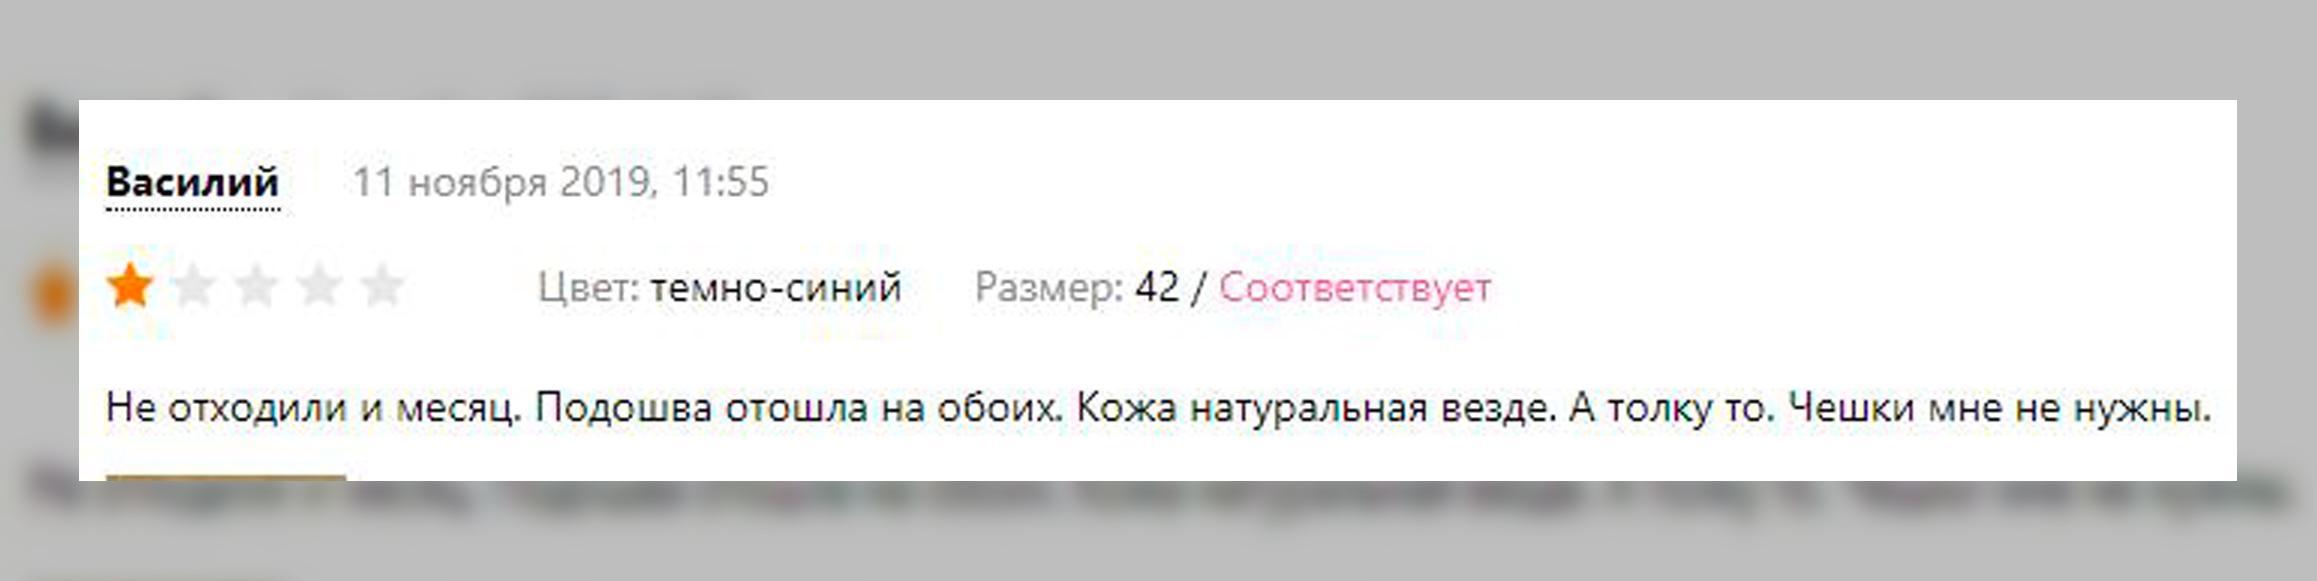 Отзывы на товар, проданный под маркой Westland. Фото © Wildberries.ru